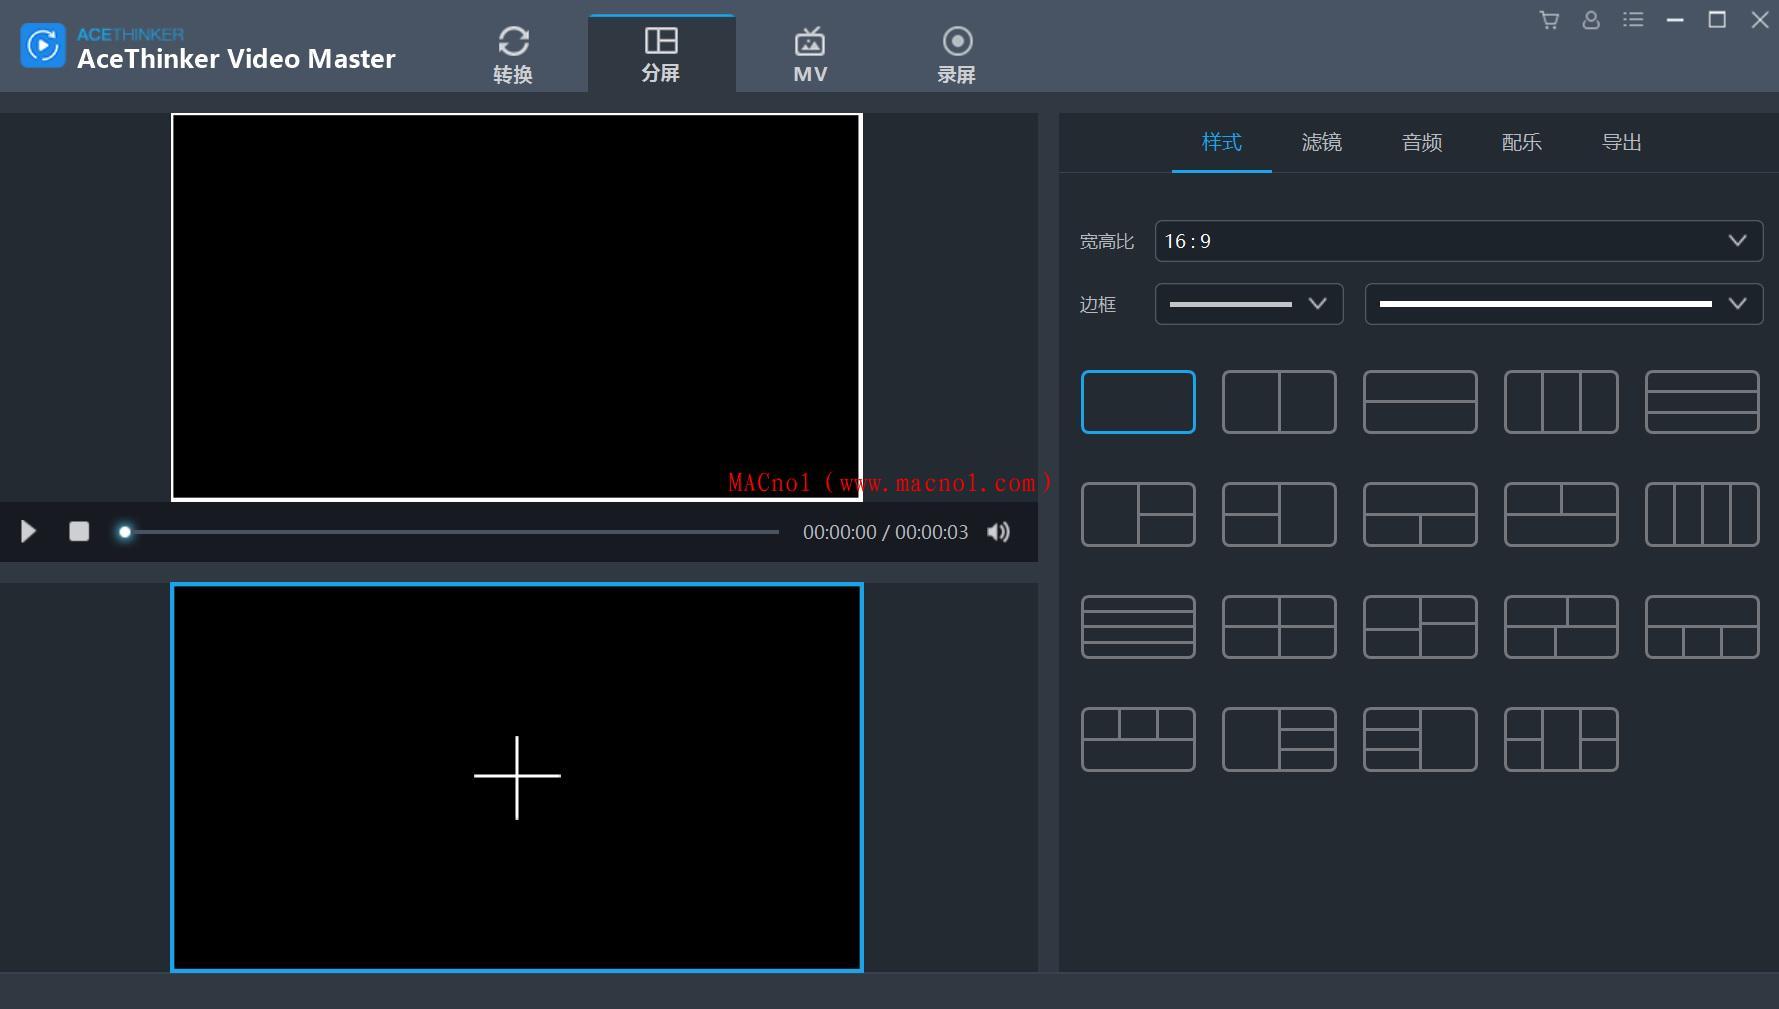 AceThinker Video Master 4.jpg